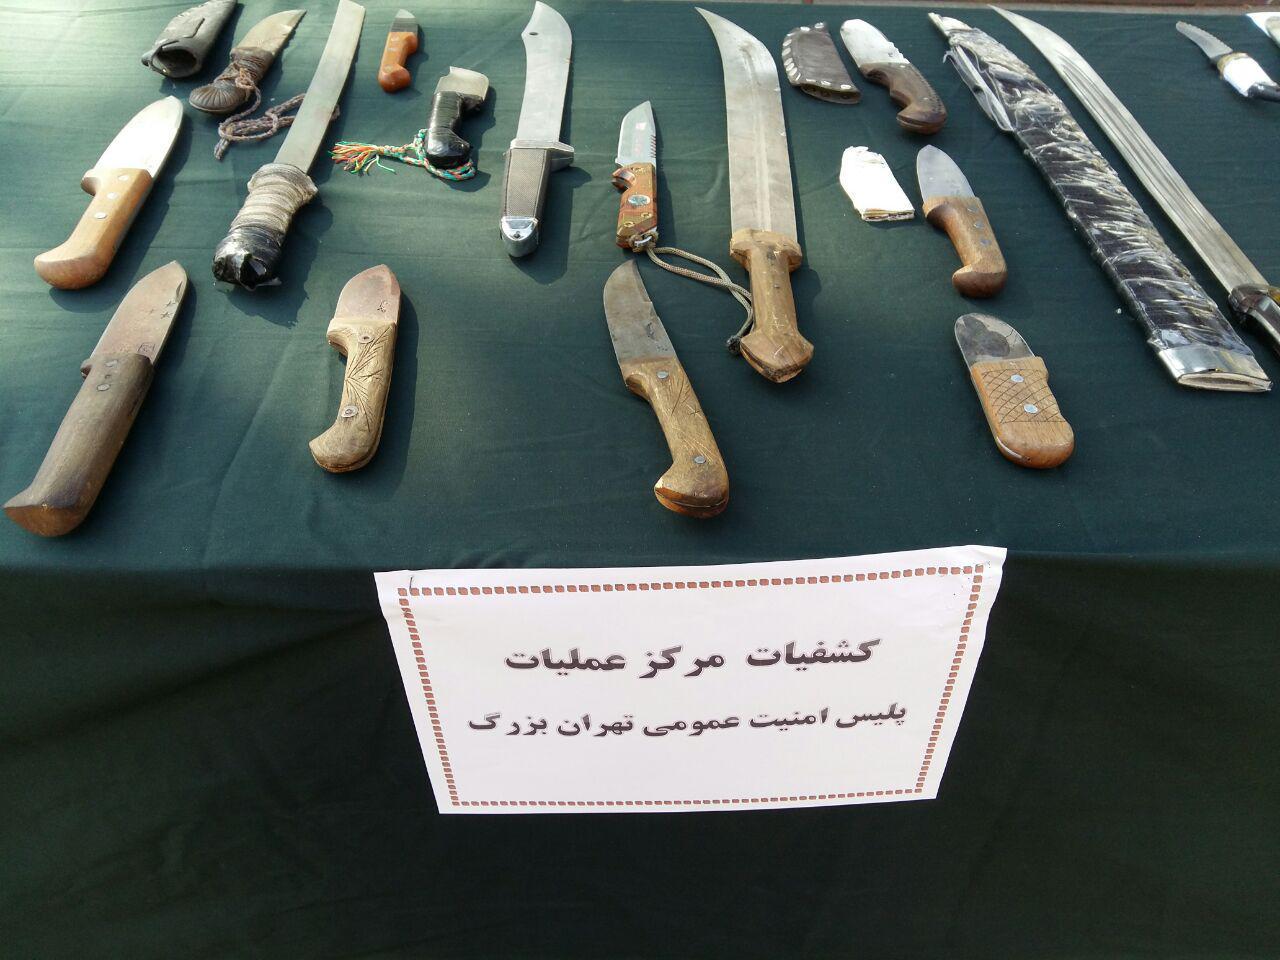 دستگیری ۲۴۰ نفر از اراذل و اوباش تهران به همراه سلاح گرم/ جمع آوری ۳۳۳ هزار جلد کتاب غیرمجاز